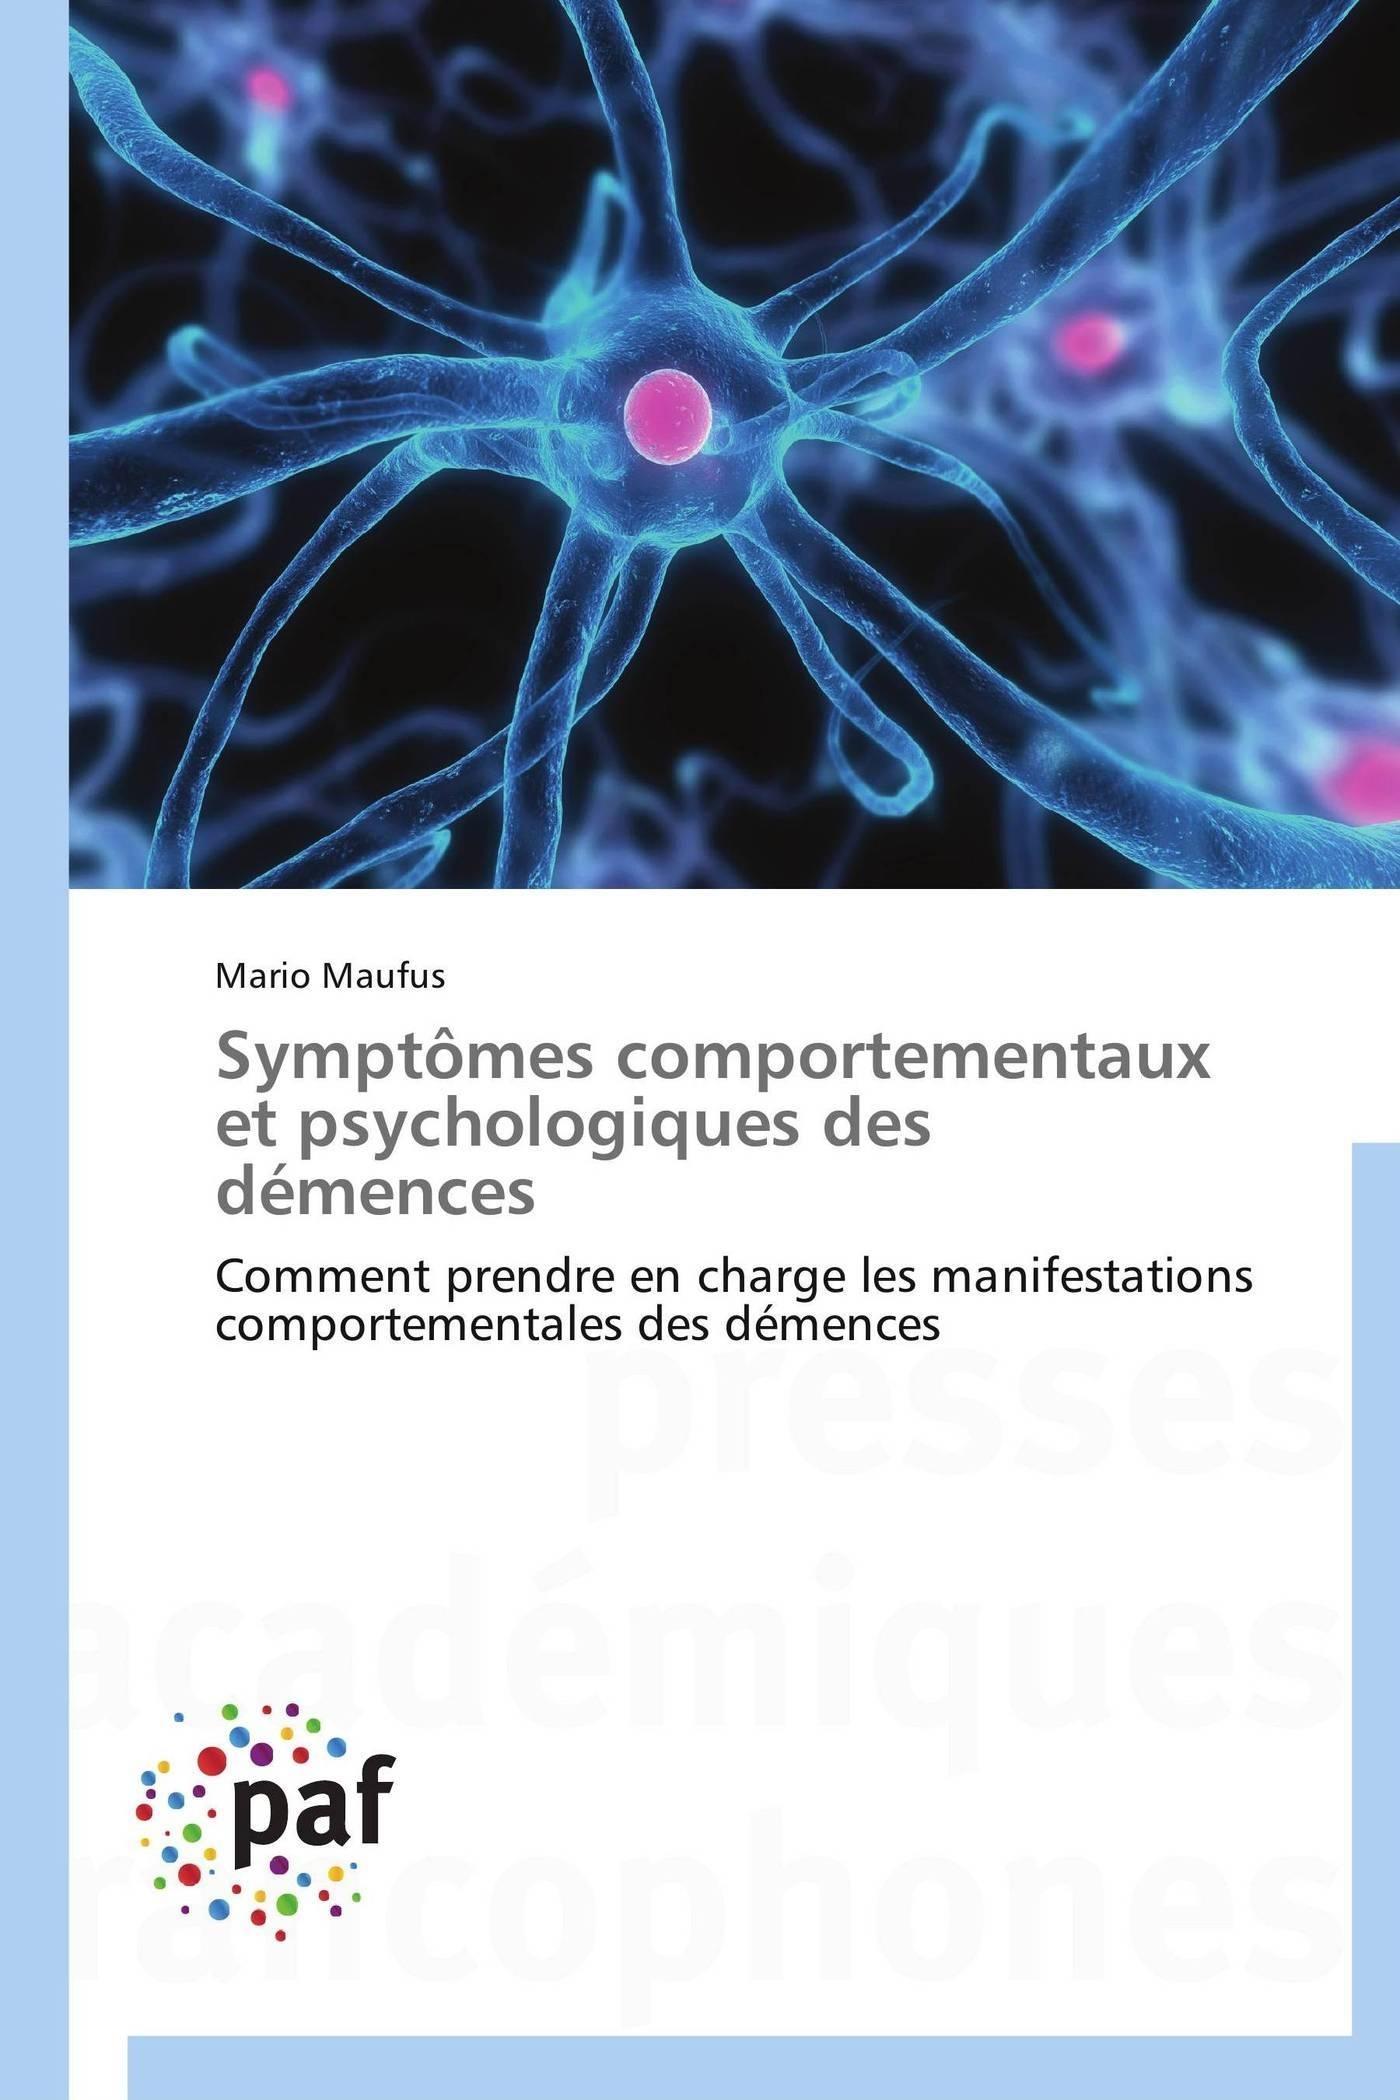 SYMPTOMES COMPORTEMENTAUX ET PSYCHOLOGIQUES DES DEMENCES